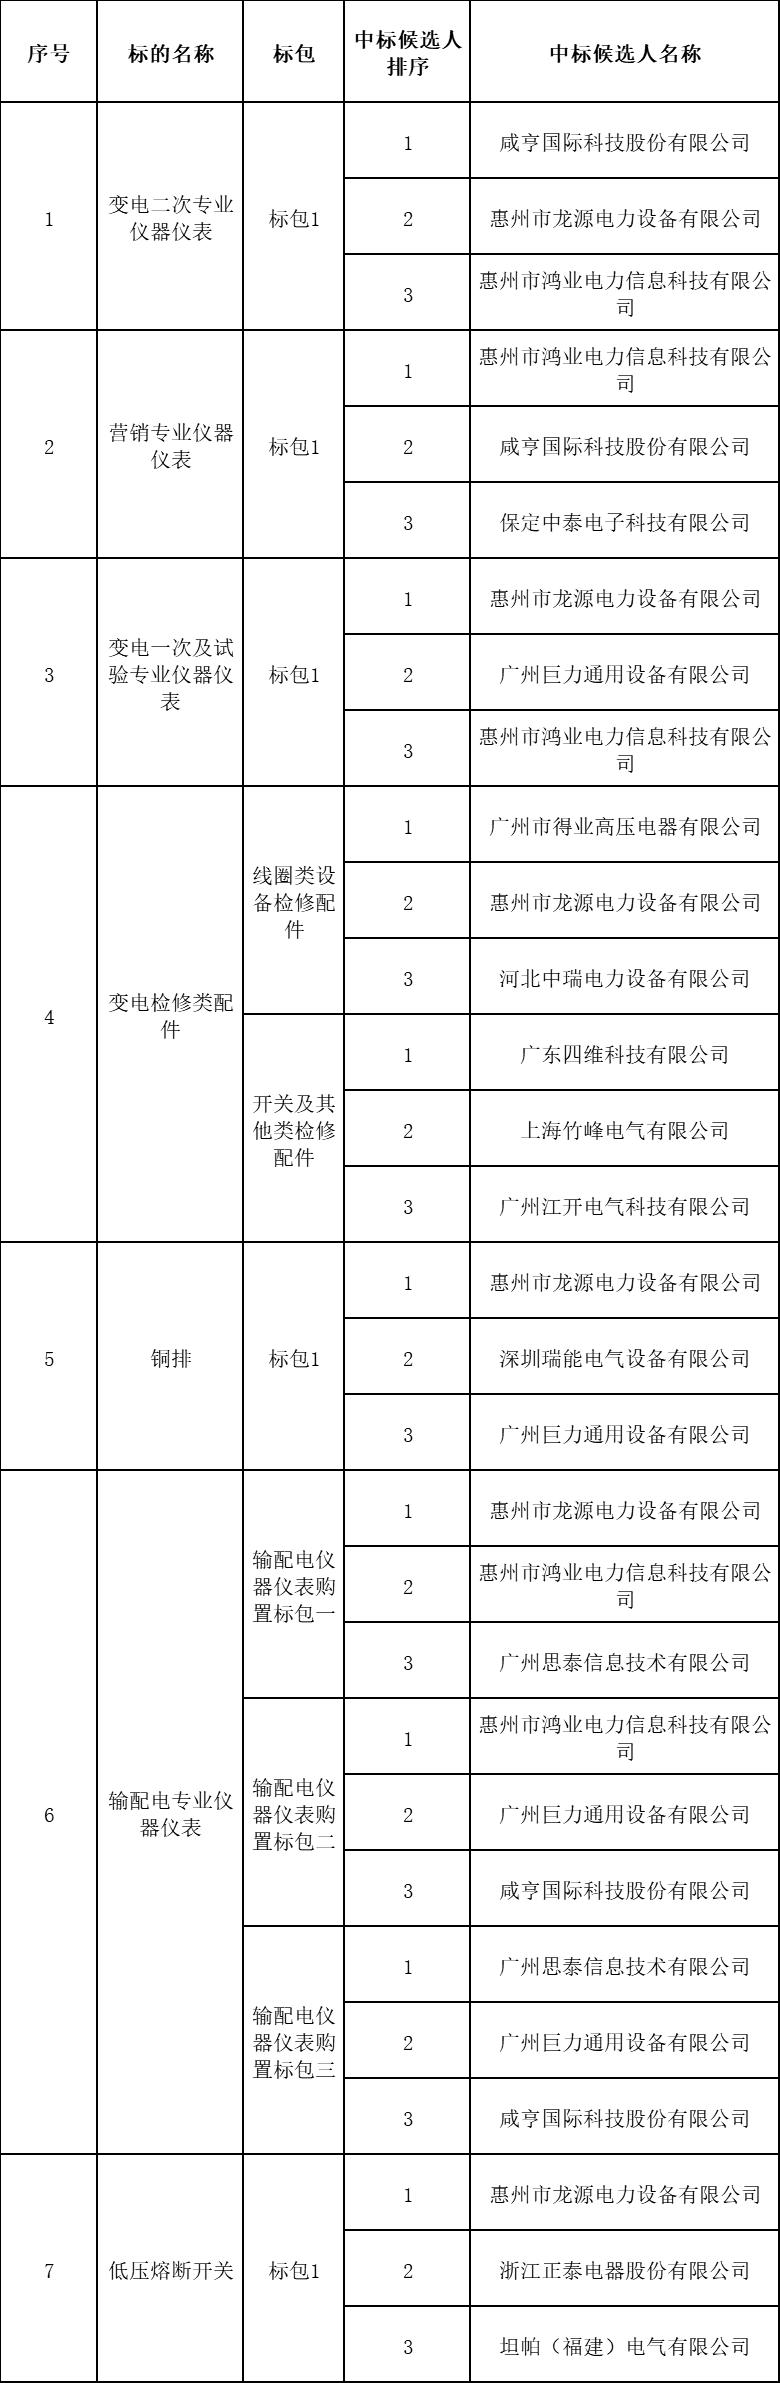 中标-广东电网惠州供电局 2020年4月一批材料(仪表、铜条、低压熔断器开关、变压器检测附件)中标公示 广东电网惠州供电局培训与评价中心